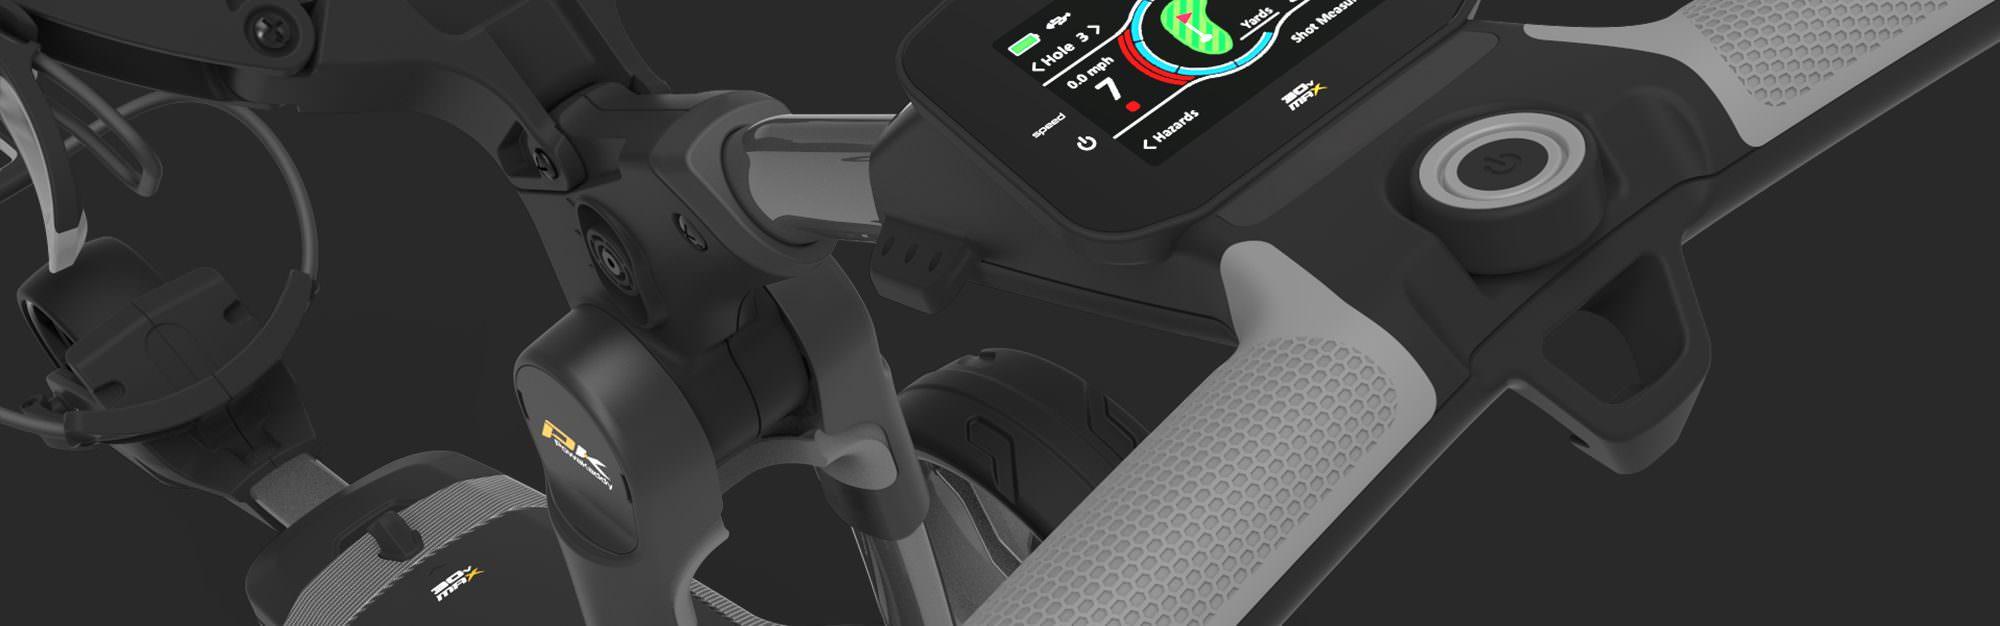 Review: PowaKaddy FX7 GPS trolley